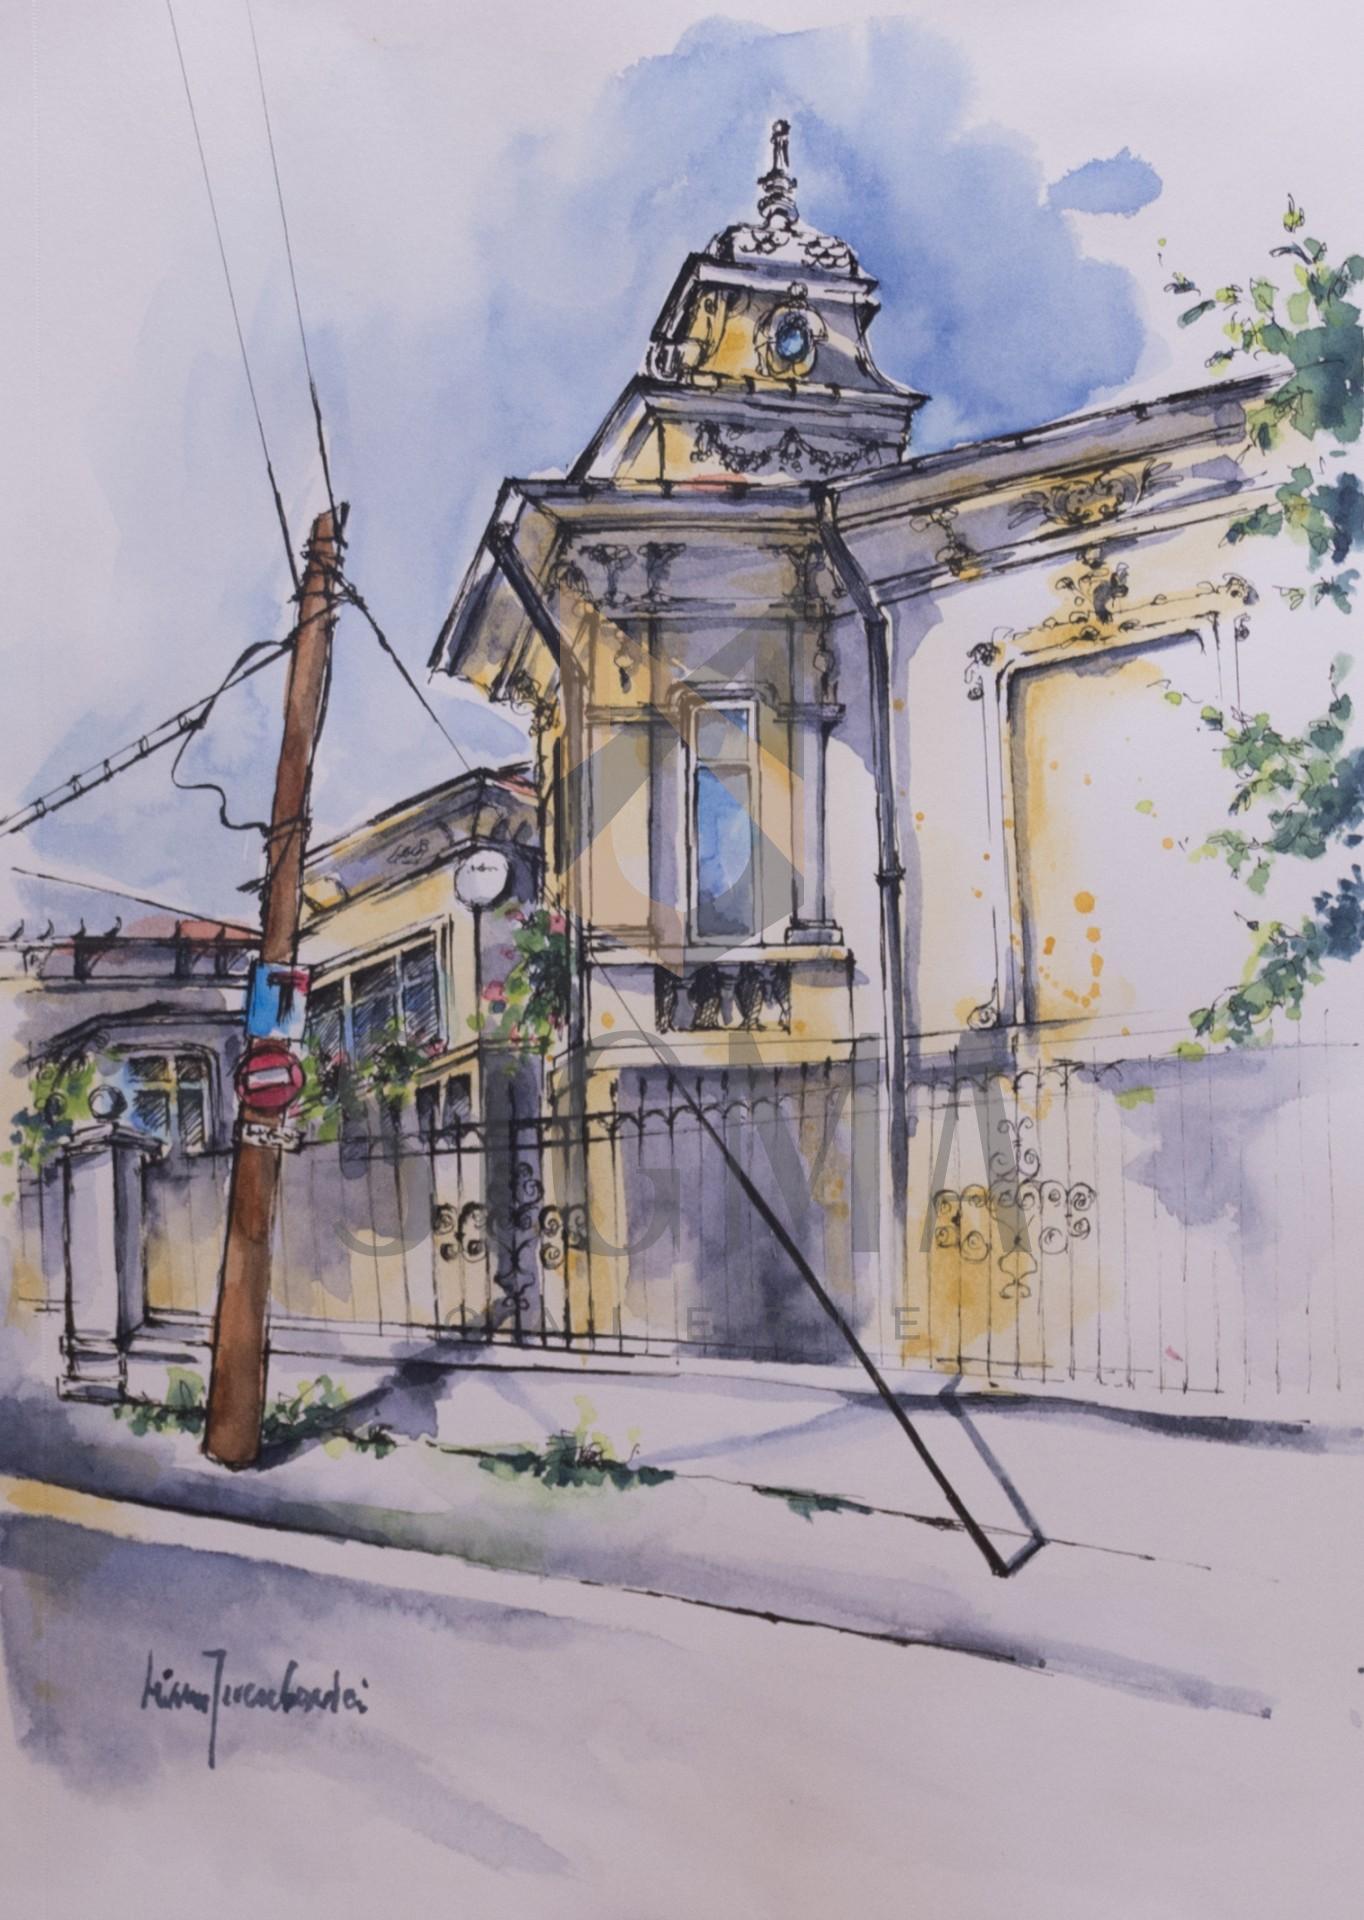 Tablou, Liliana Iacubovici, - Cotroceni villa Eugenia, intrarea Costache Negri -   acuarela si tus, 21x30 cm